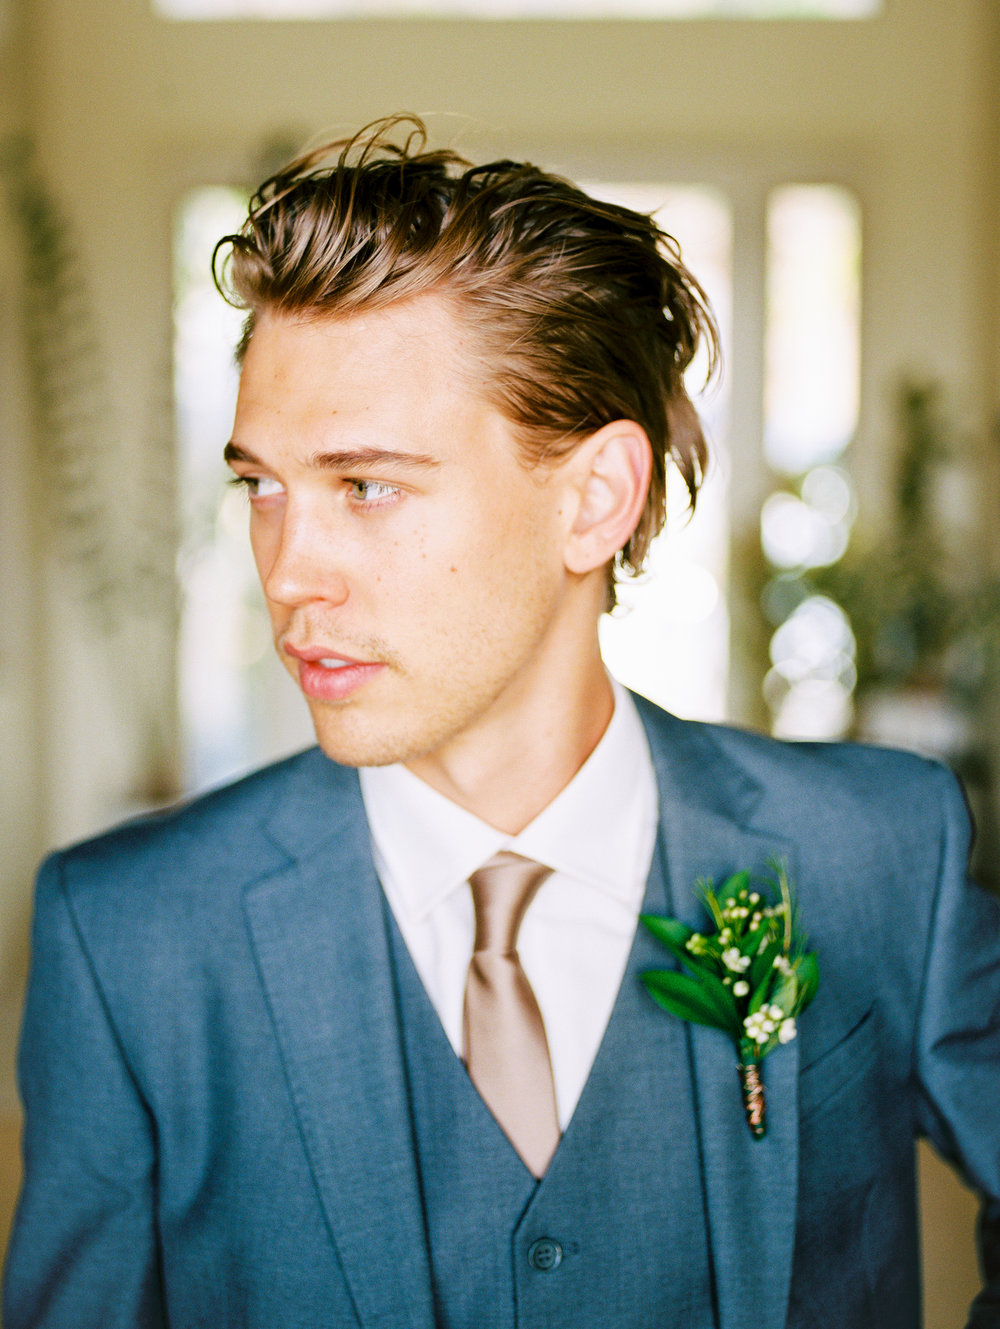 dennisroycoronel_ashleyanthony_vanessahudgens_austinbutler_wedding_losangeles_photographer-52.jpg